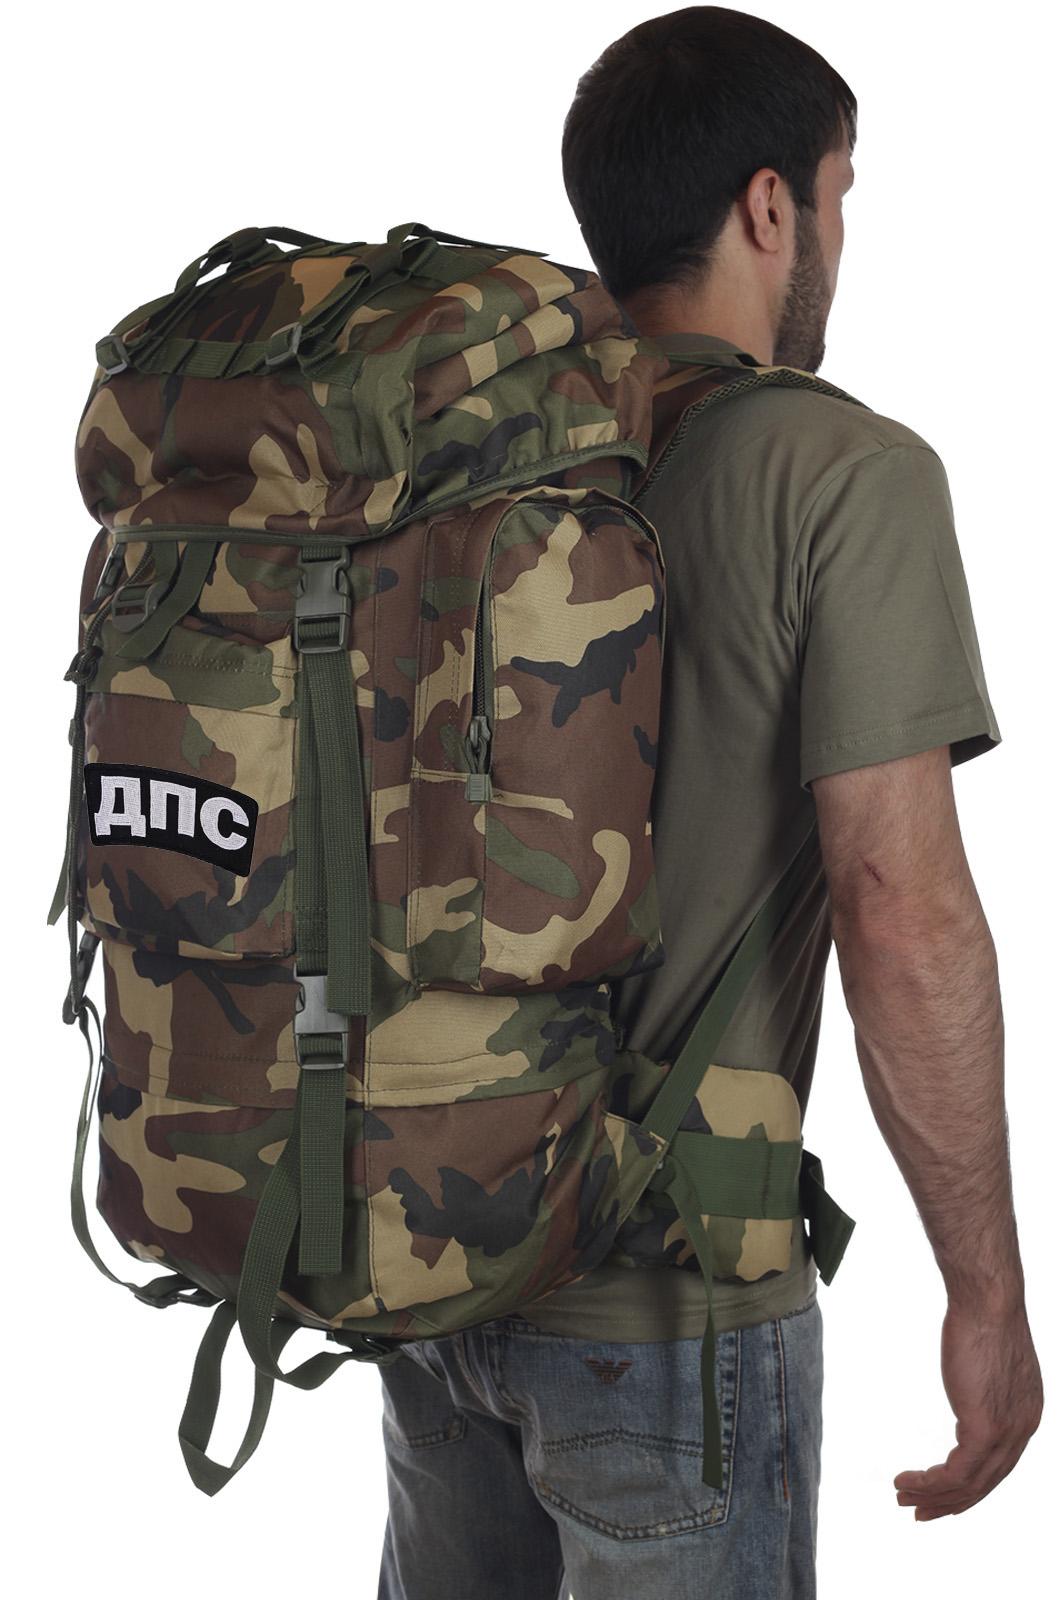 Камуфляжный военный рюкзак CCE с нашивкой ДПС - заказать выгодно